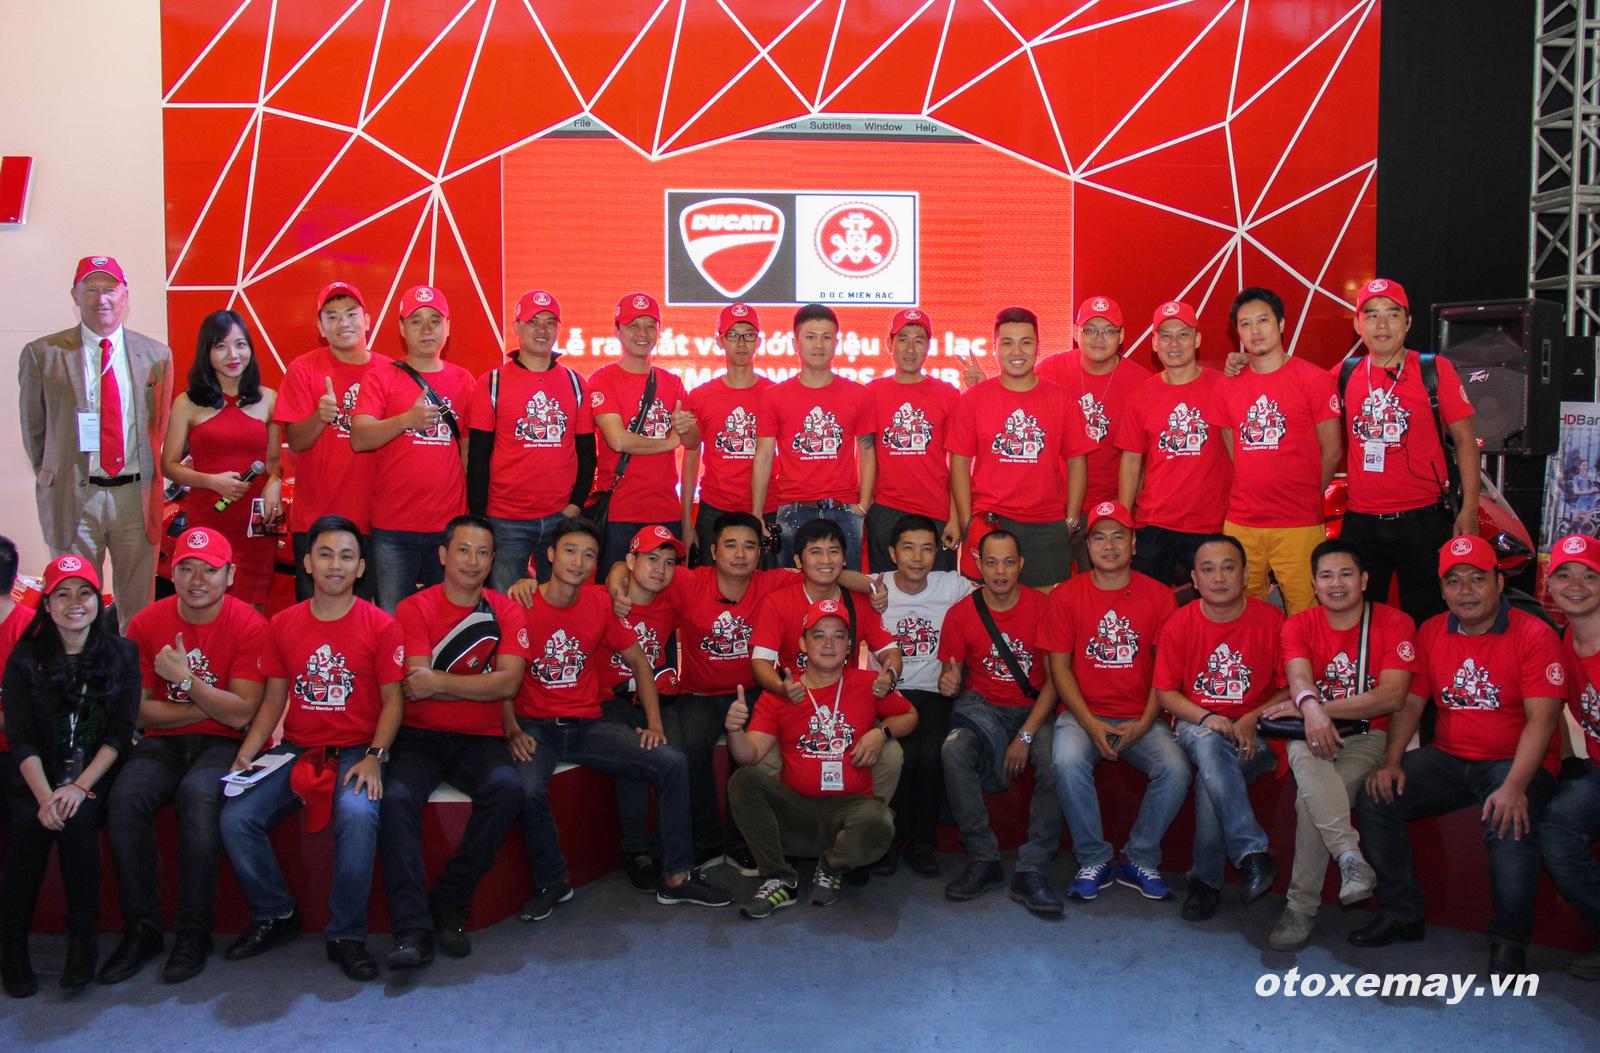 VIMS 2015: D.O.C Miền Bắc chính thức nhập hội Ducatisti thế giới 8